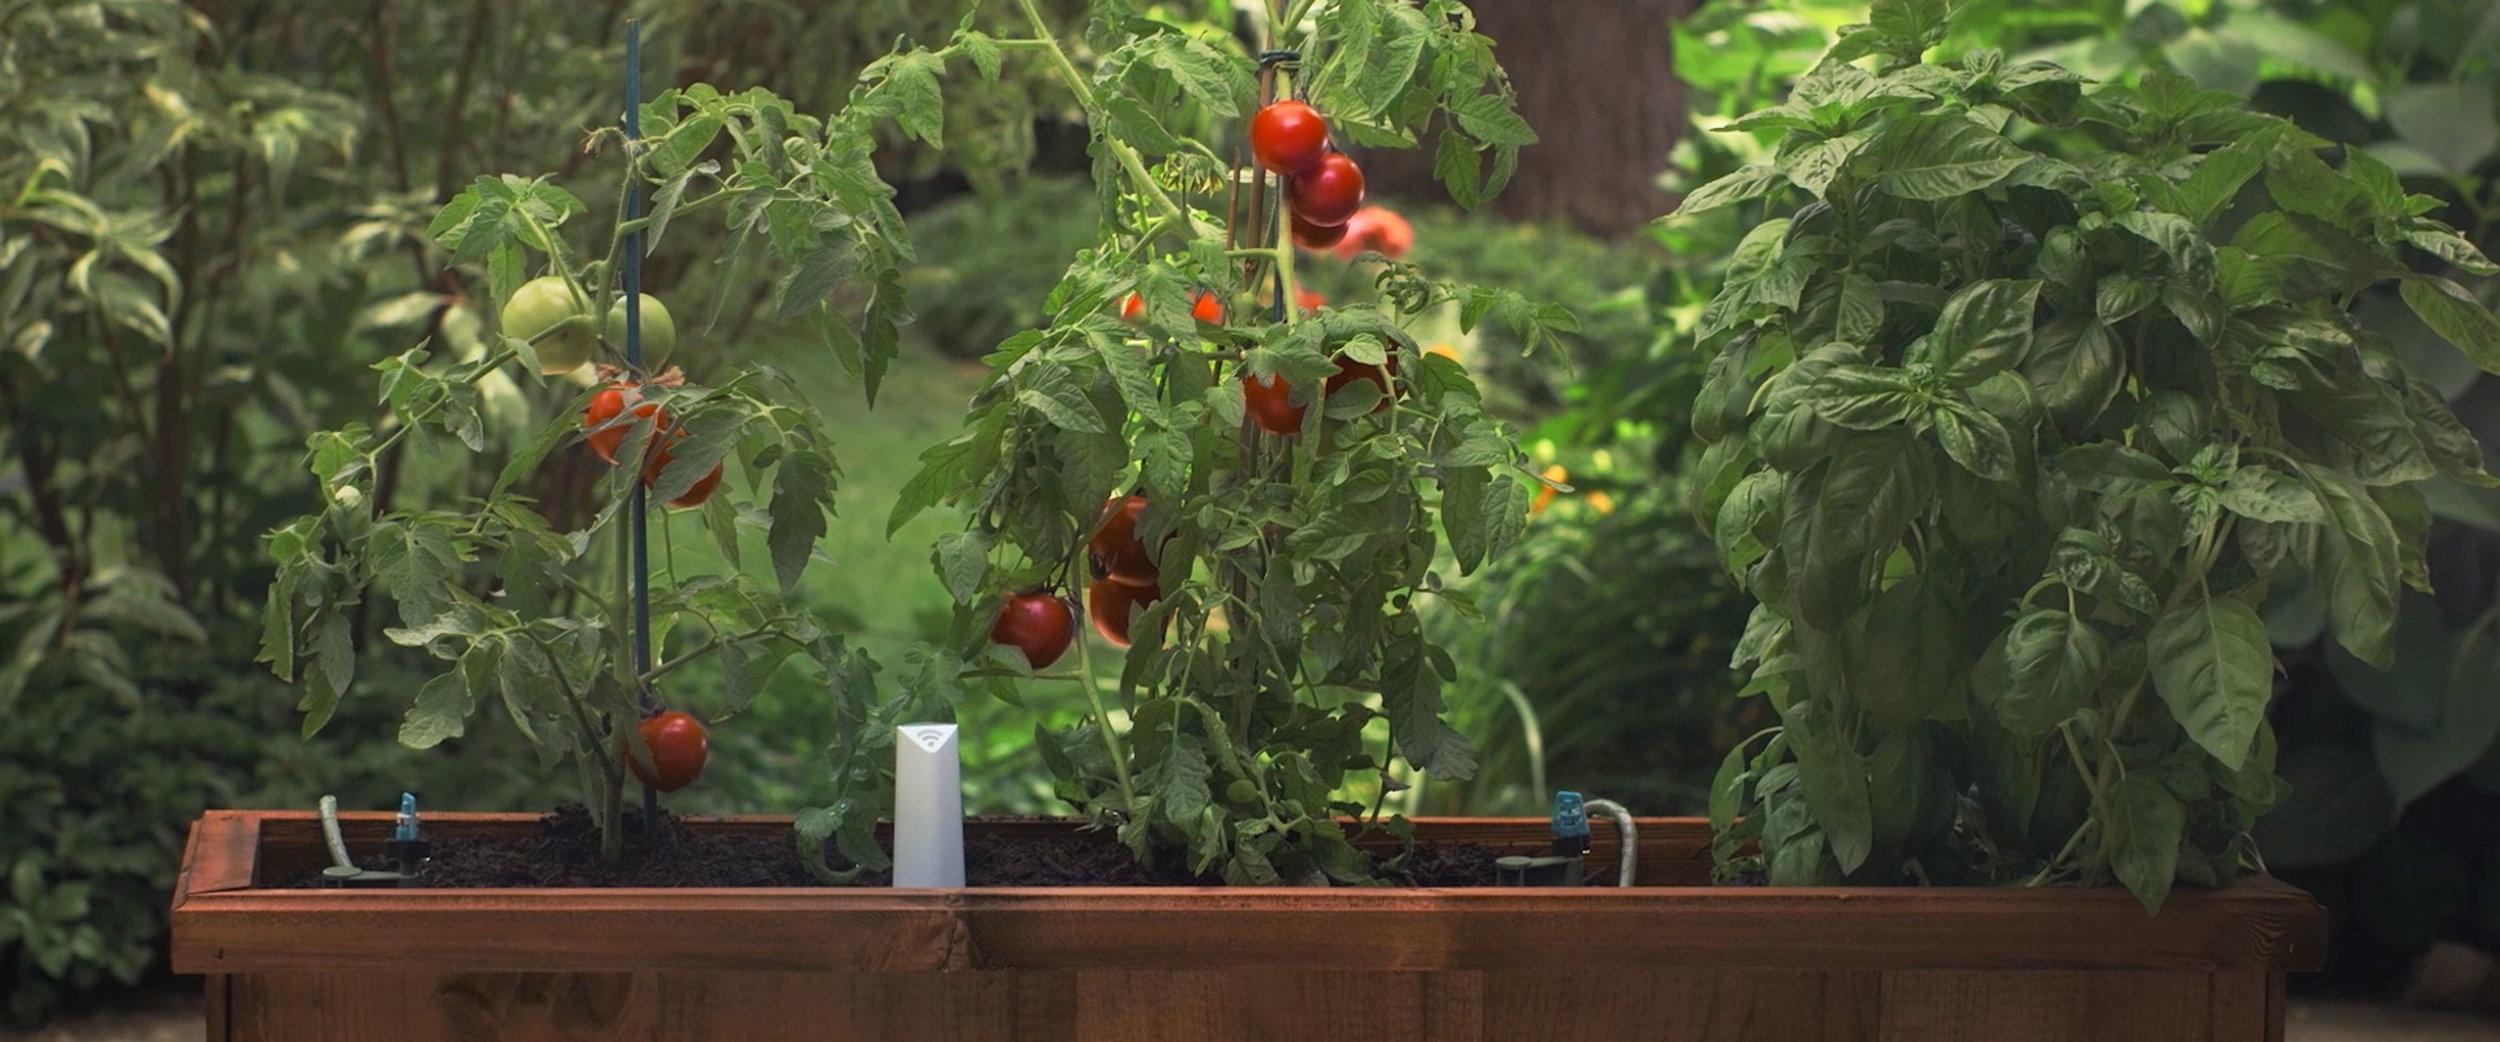 PlantLink_plant-sensor-garden.jpg